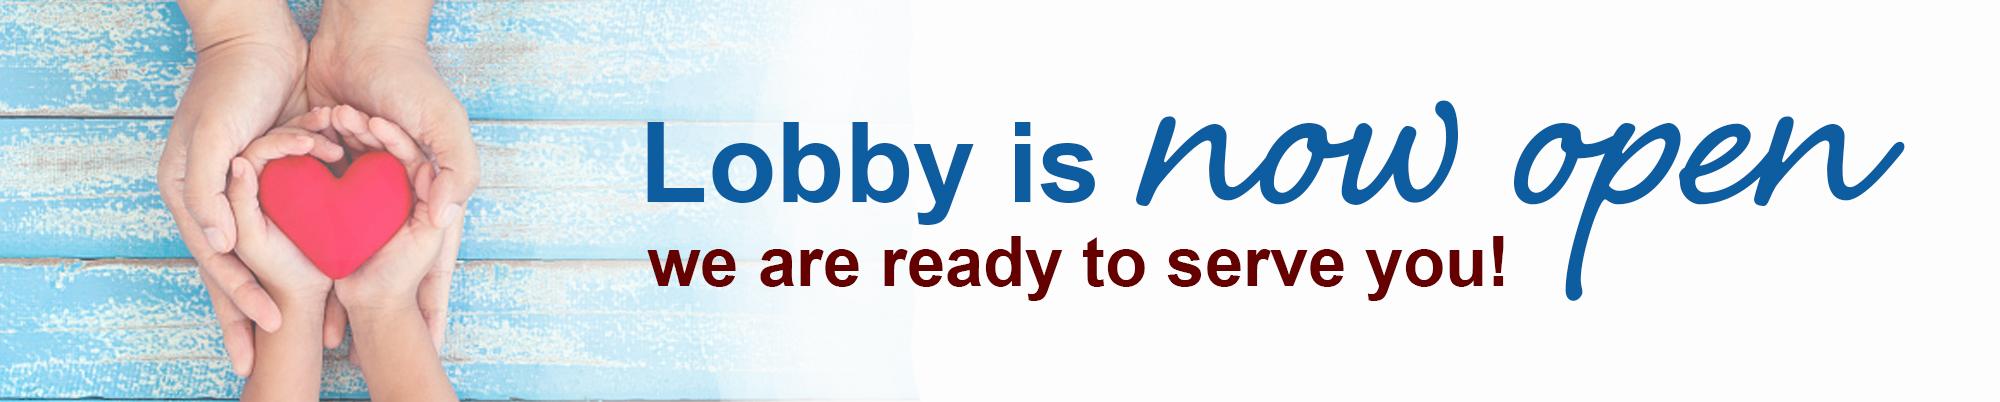 Lobby Now Open